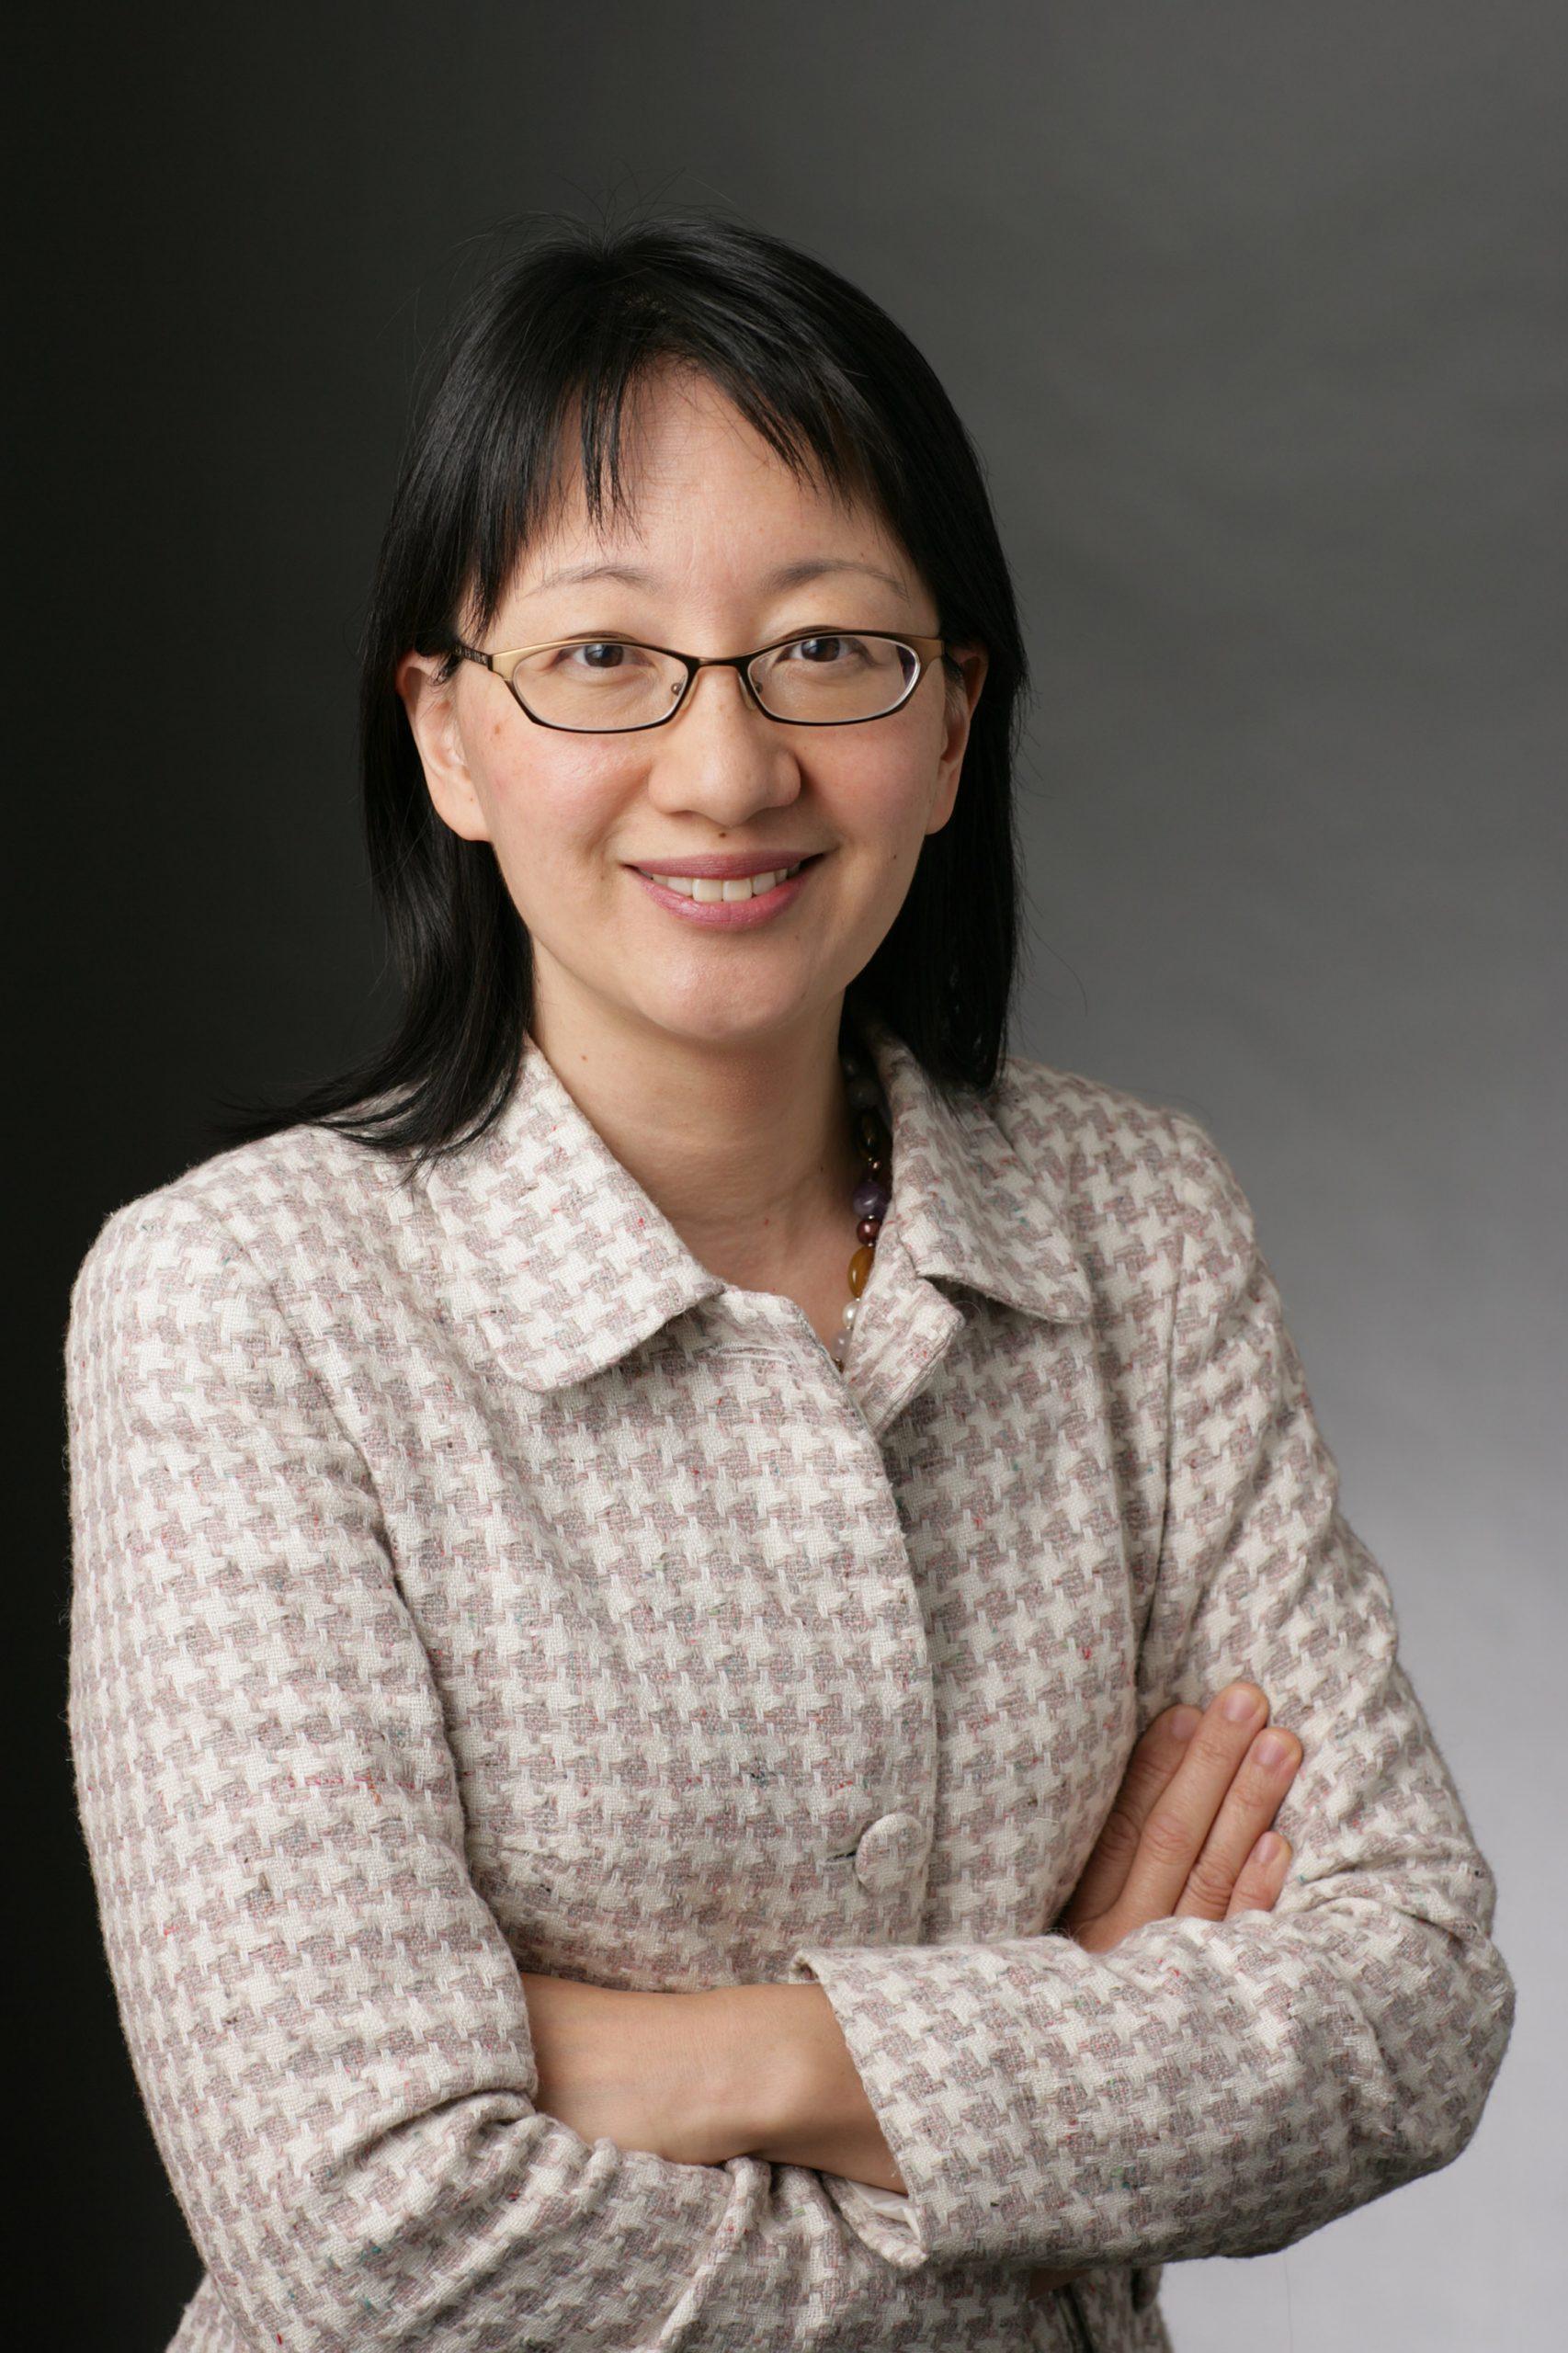 Vivian S. Lee, M.D., Ph.D., M.B.A.,